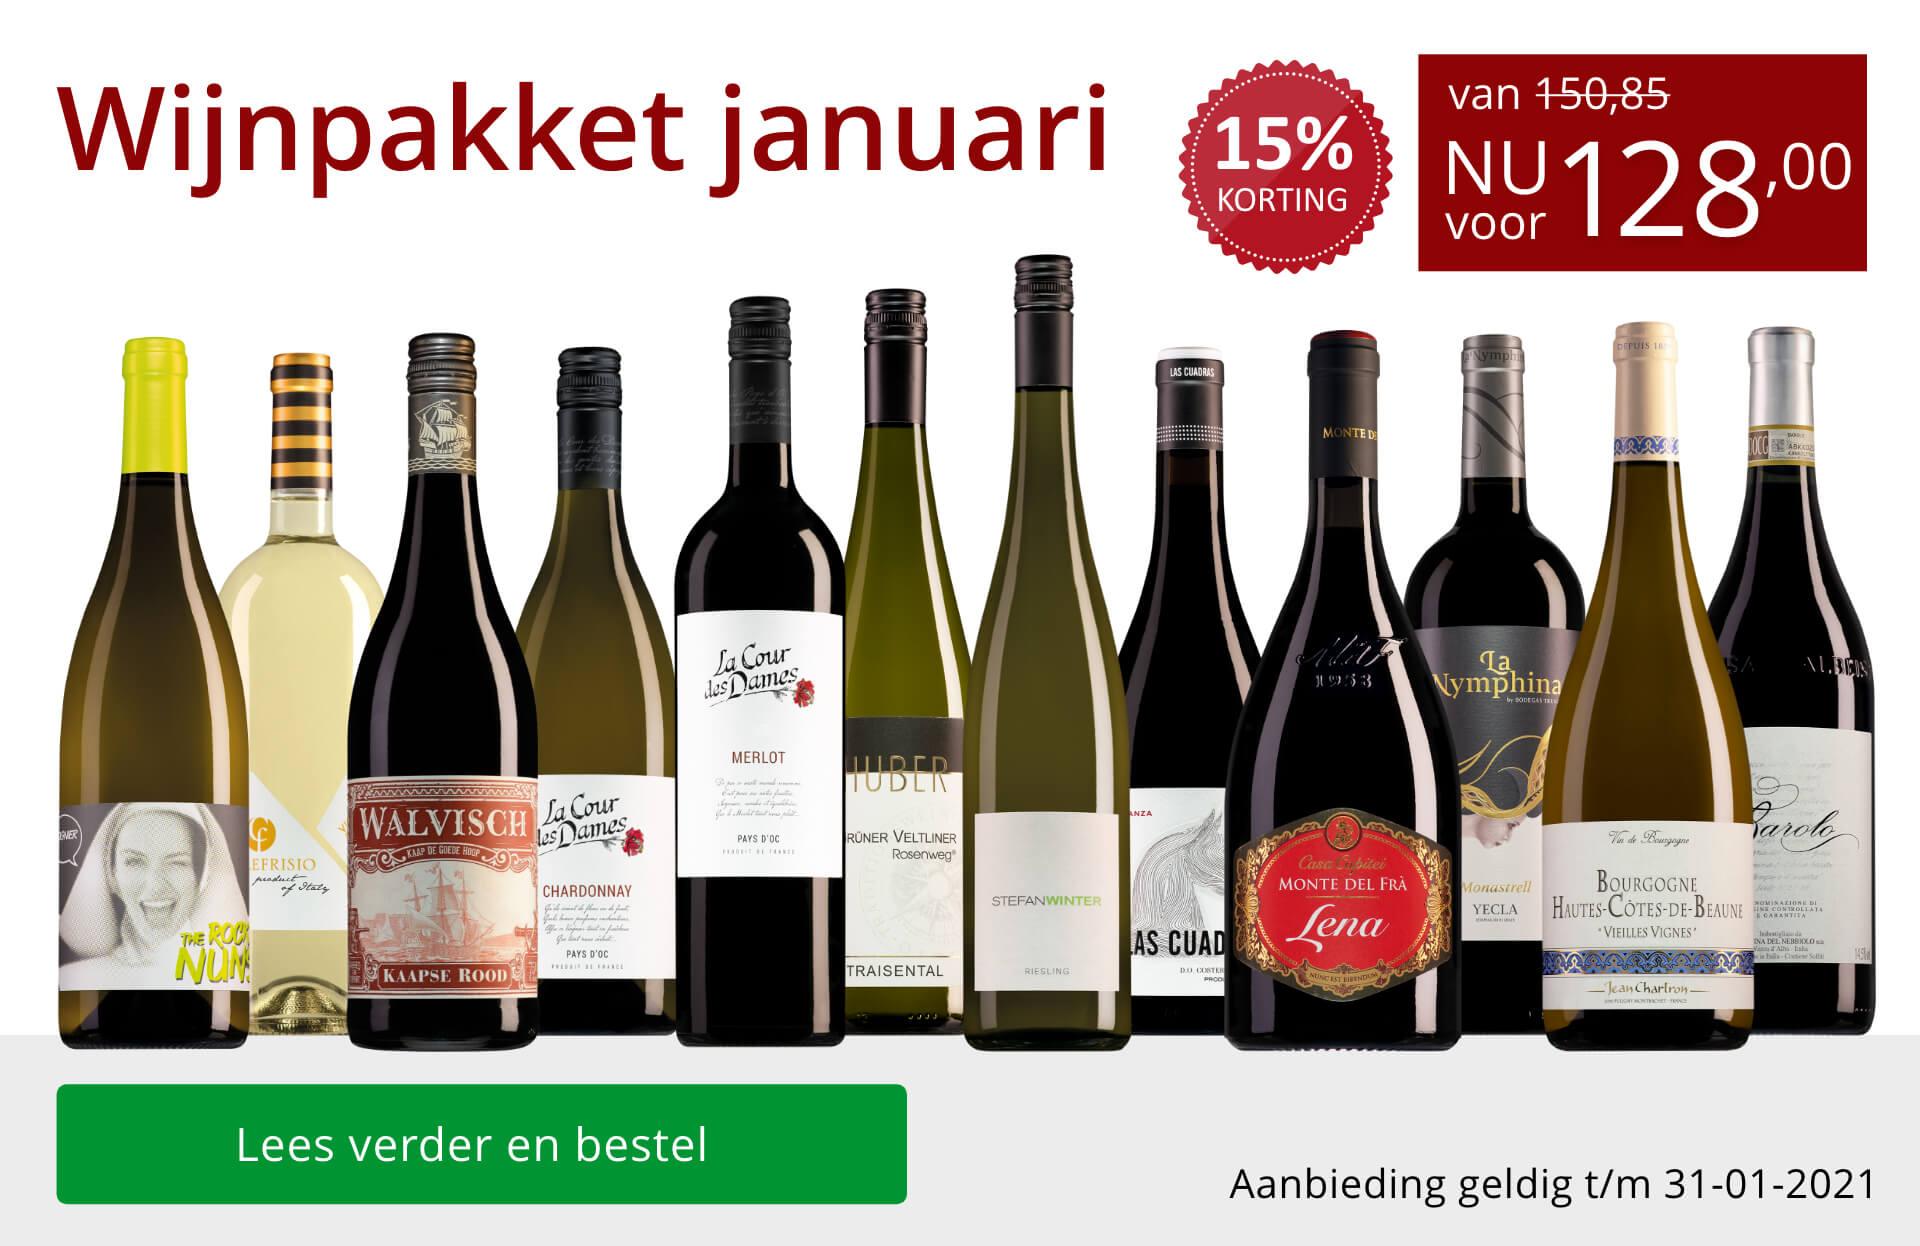 Wijnpakket wijnbericht januari 2021 (128,00) - rood